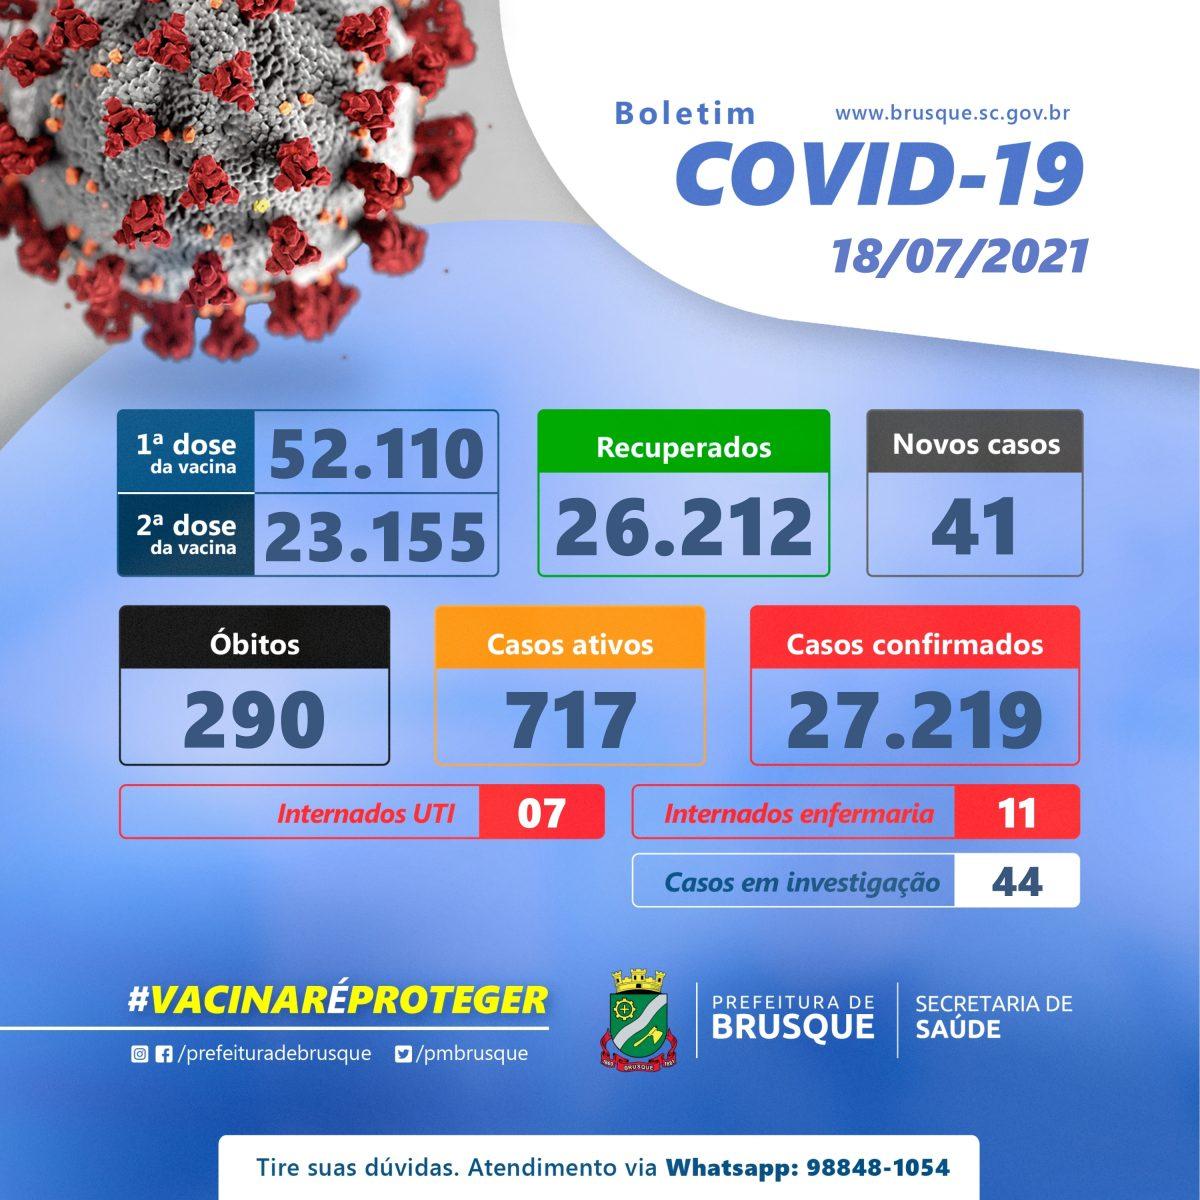 Covid-19: Confira o boletim epidemiológico deste domingo (18)